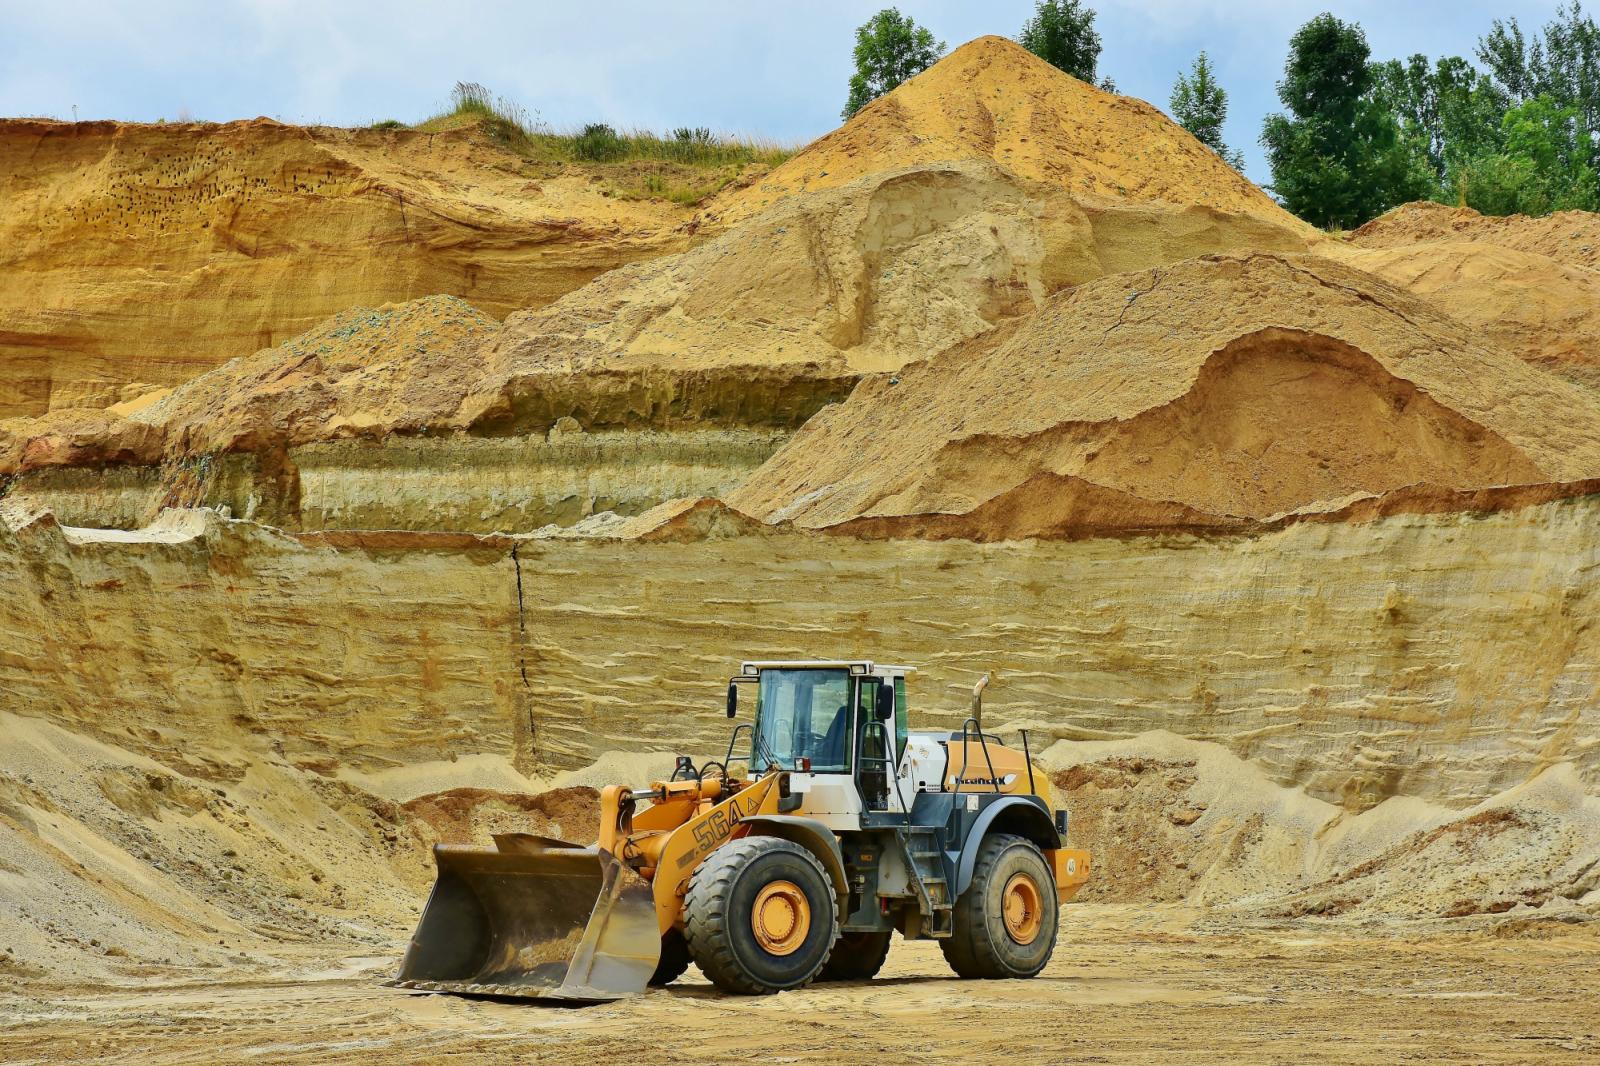 Kopanie-mining